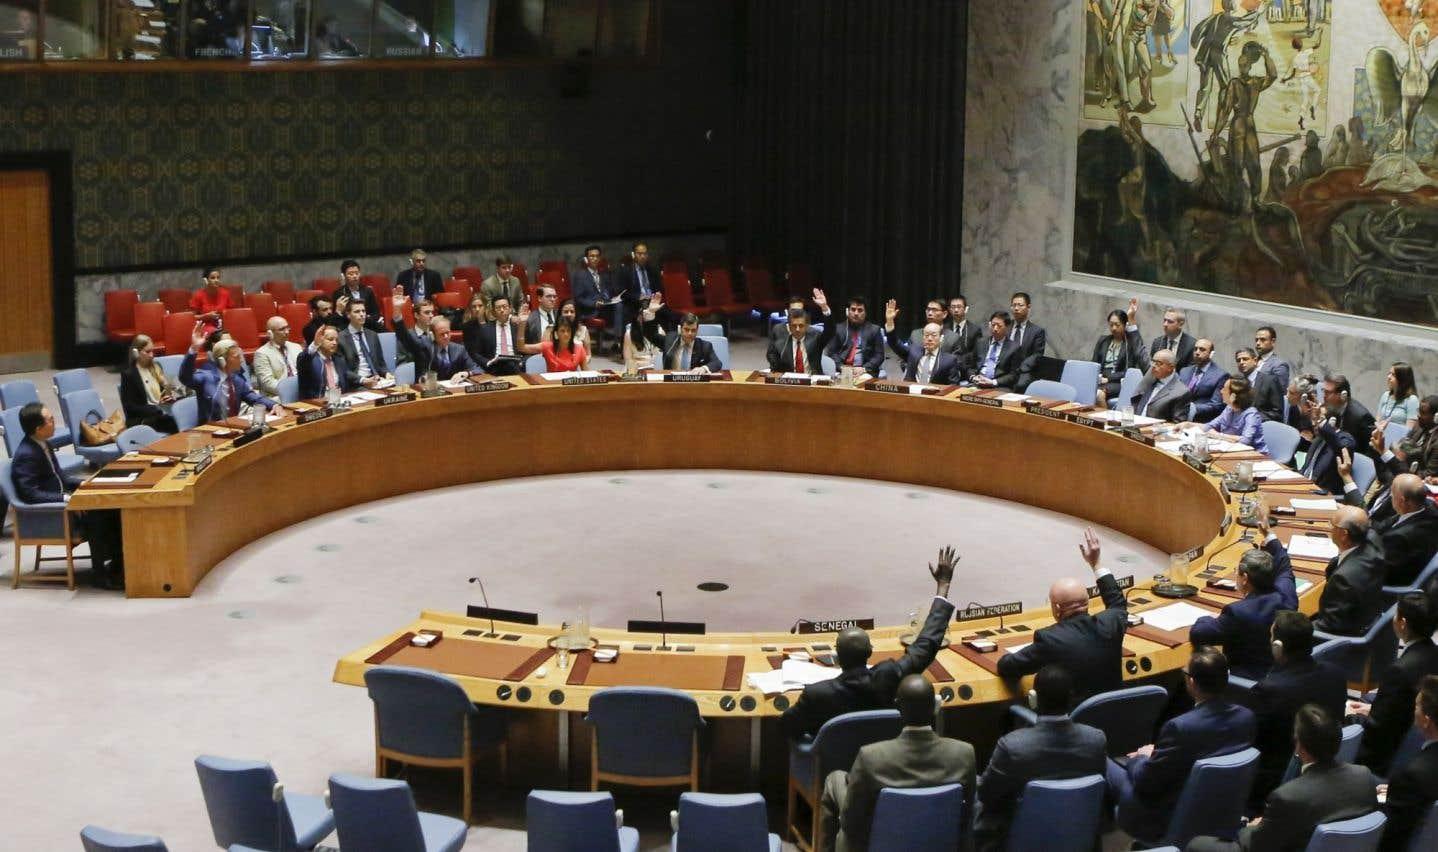 L'efficacité des sanctions contre la Corée du Nord reste à prouver